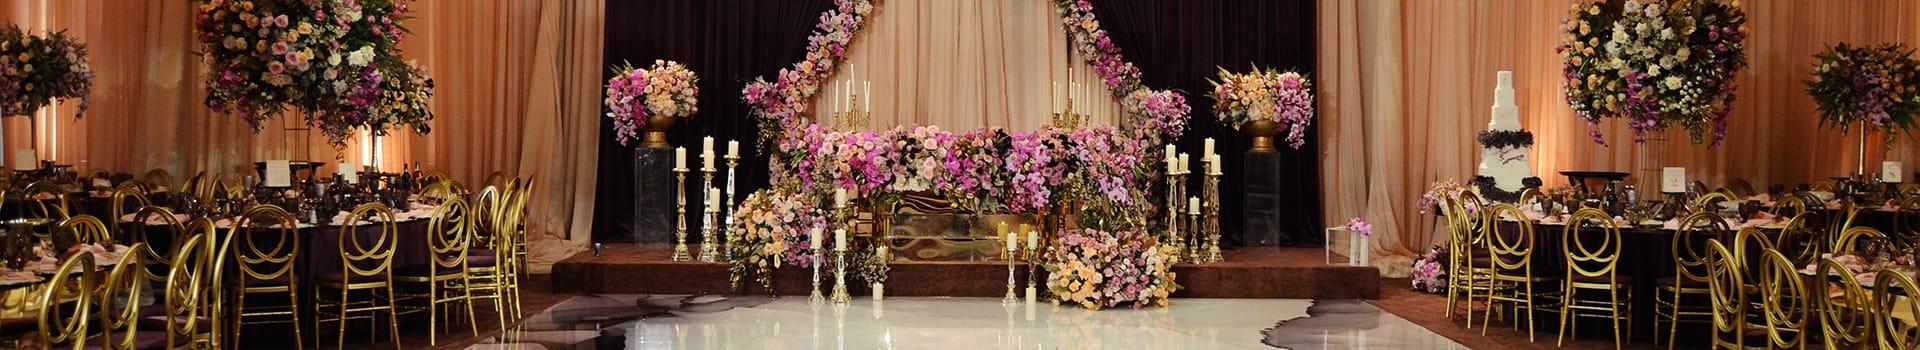 Renaissance Banquet Hall - Event Venue